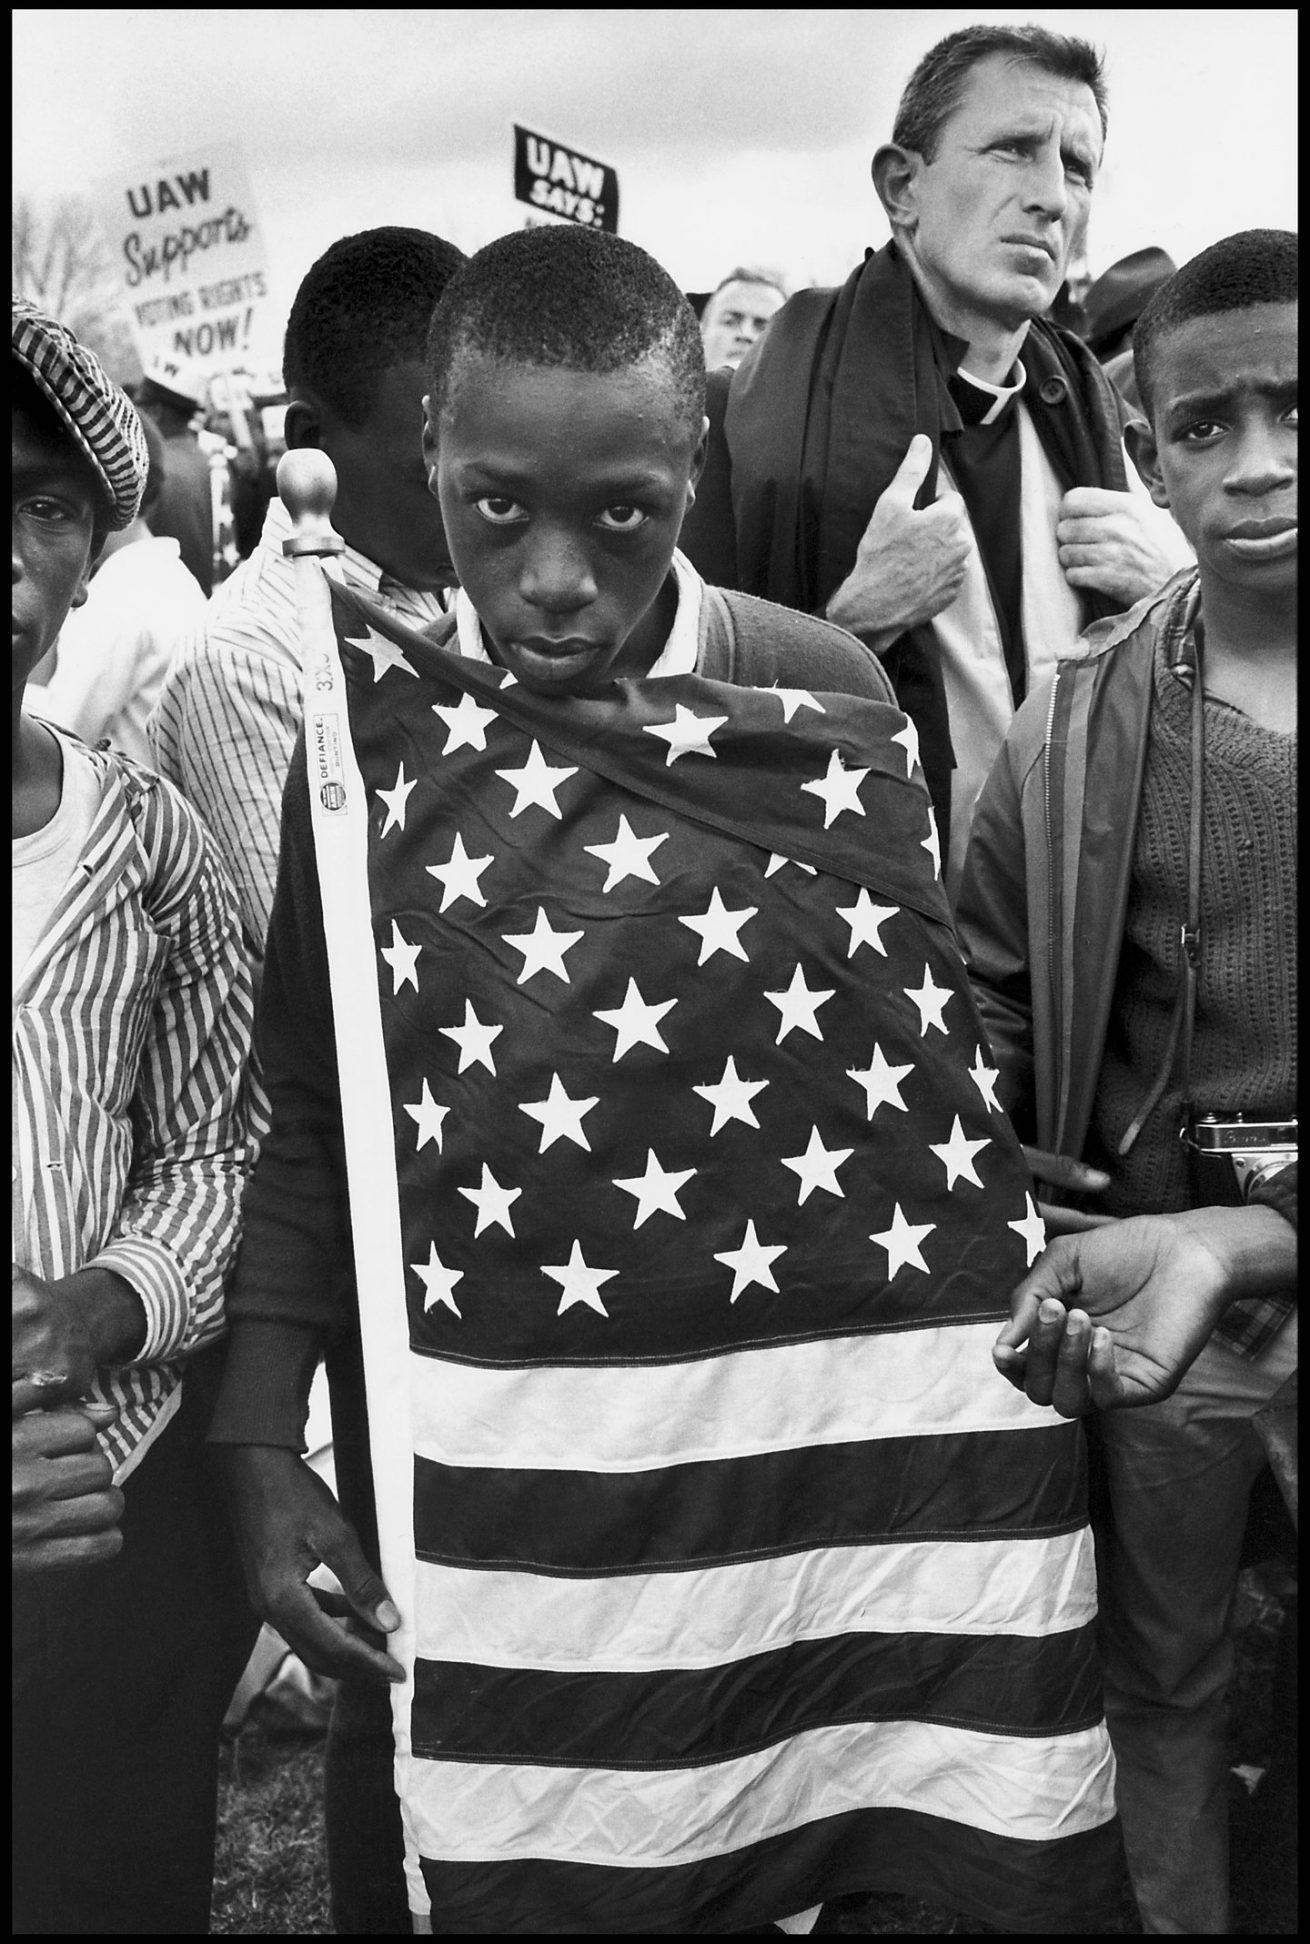 magnum photos ve vouge'dan black lives matter'a destek